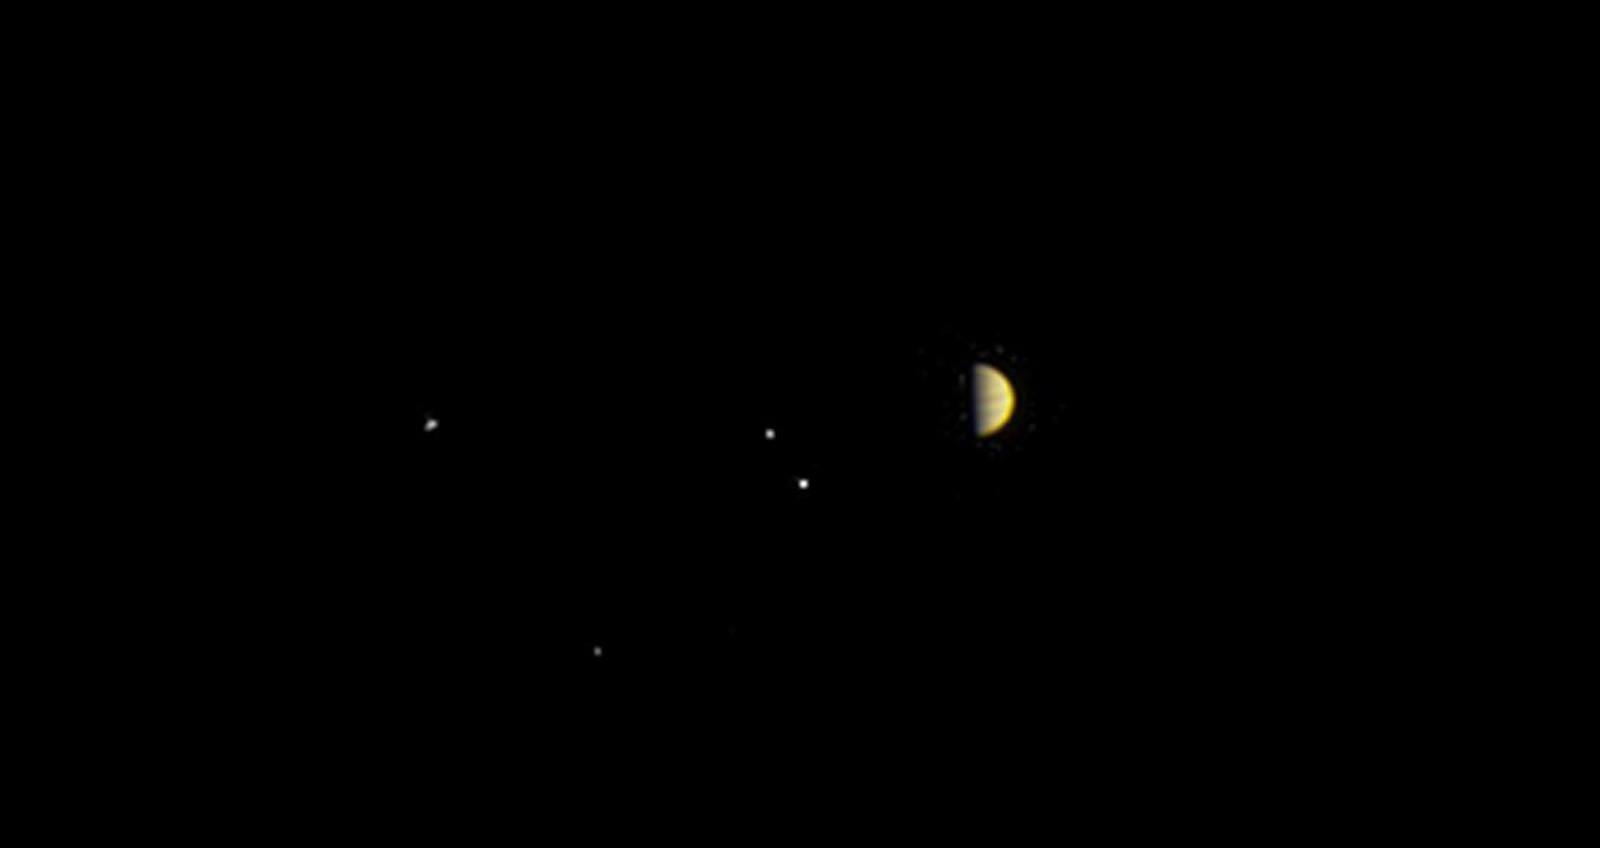 Vista obtida pela sonda Juno a uma distância de 10,9 milhões de quilômetros de Júpiter.